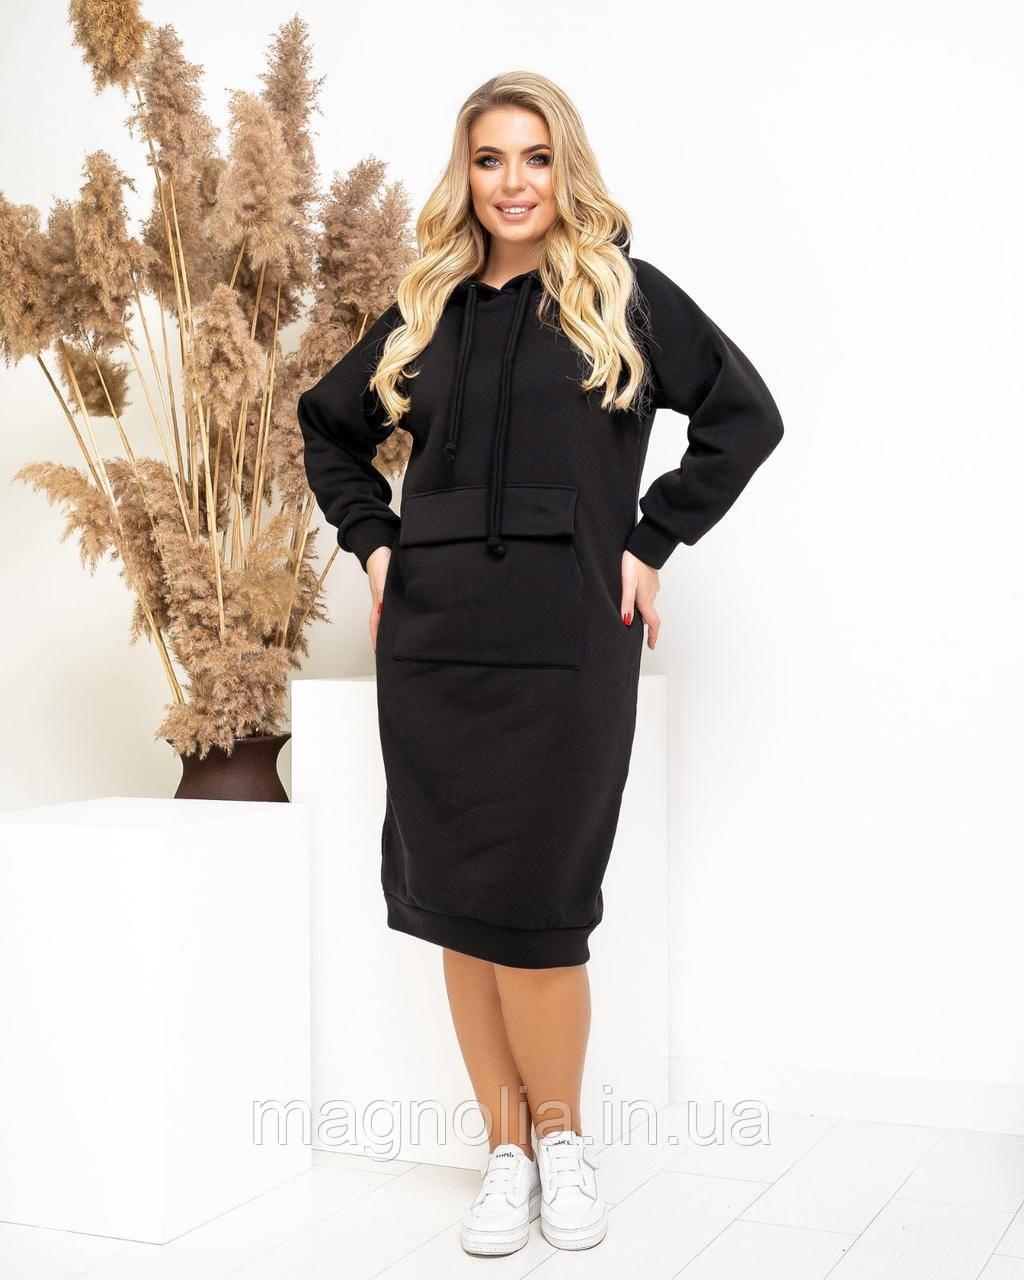 Спортивное женское платье на флисе, черное, А5022